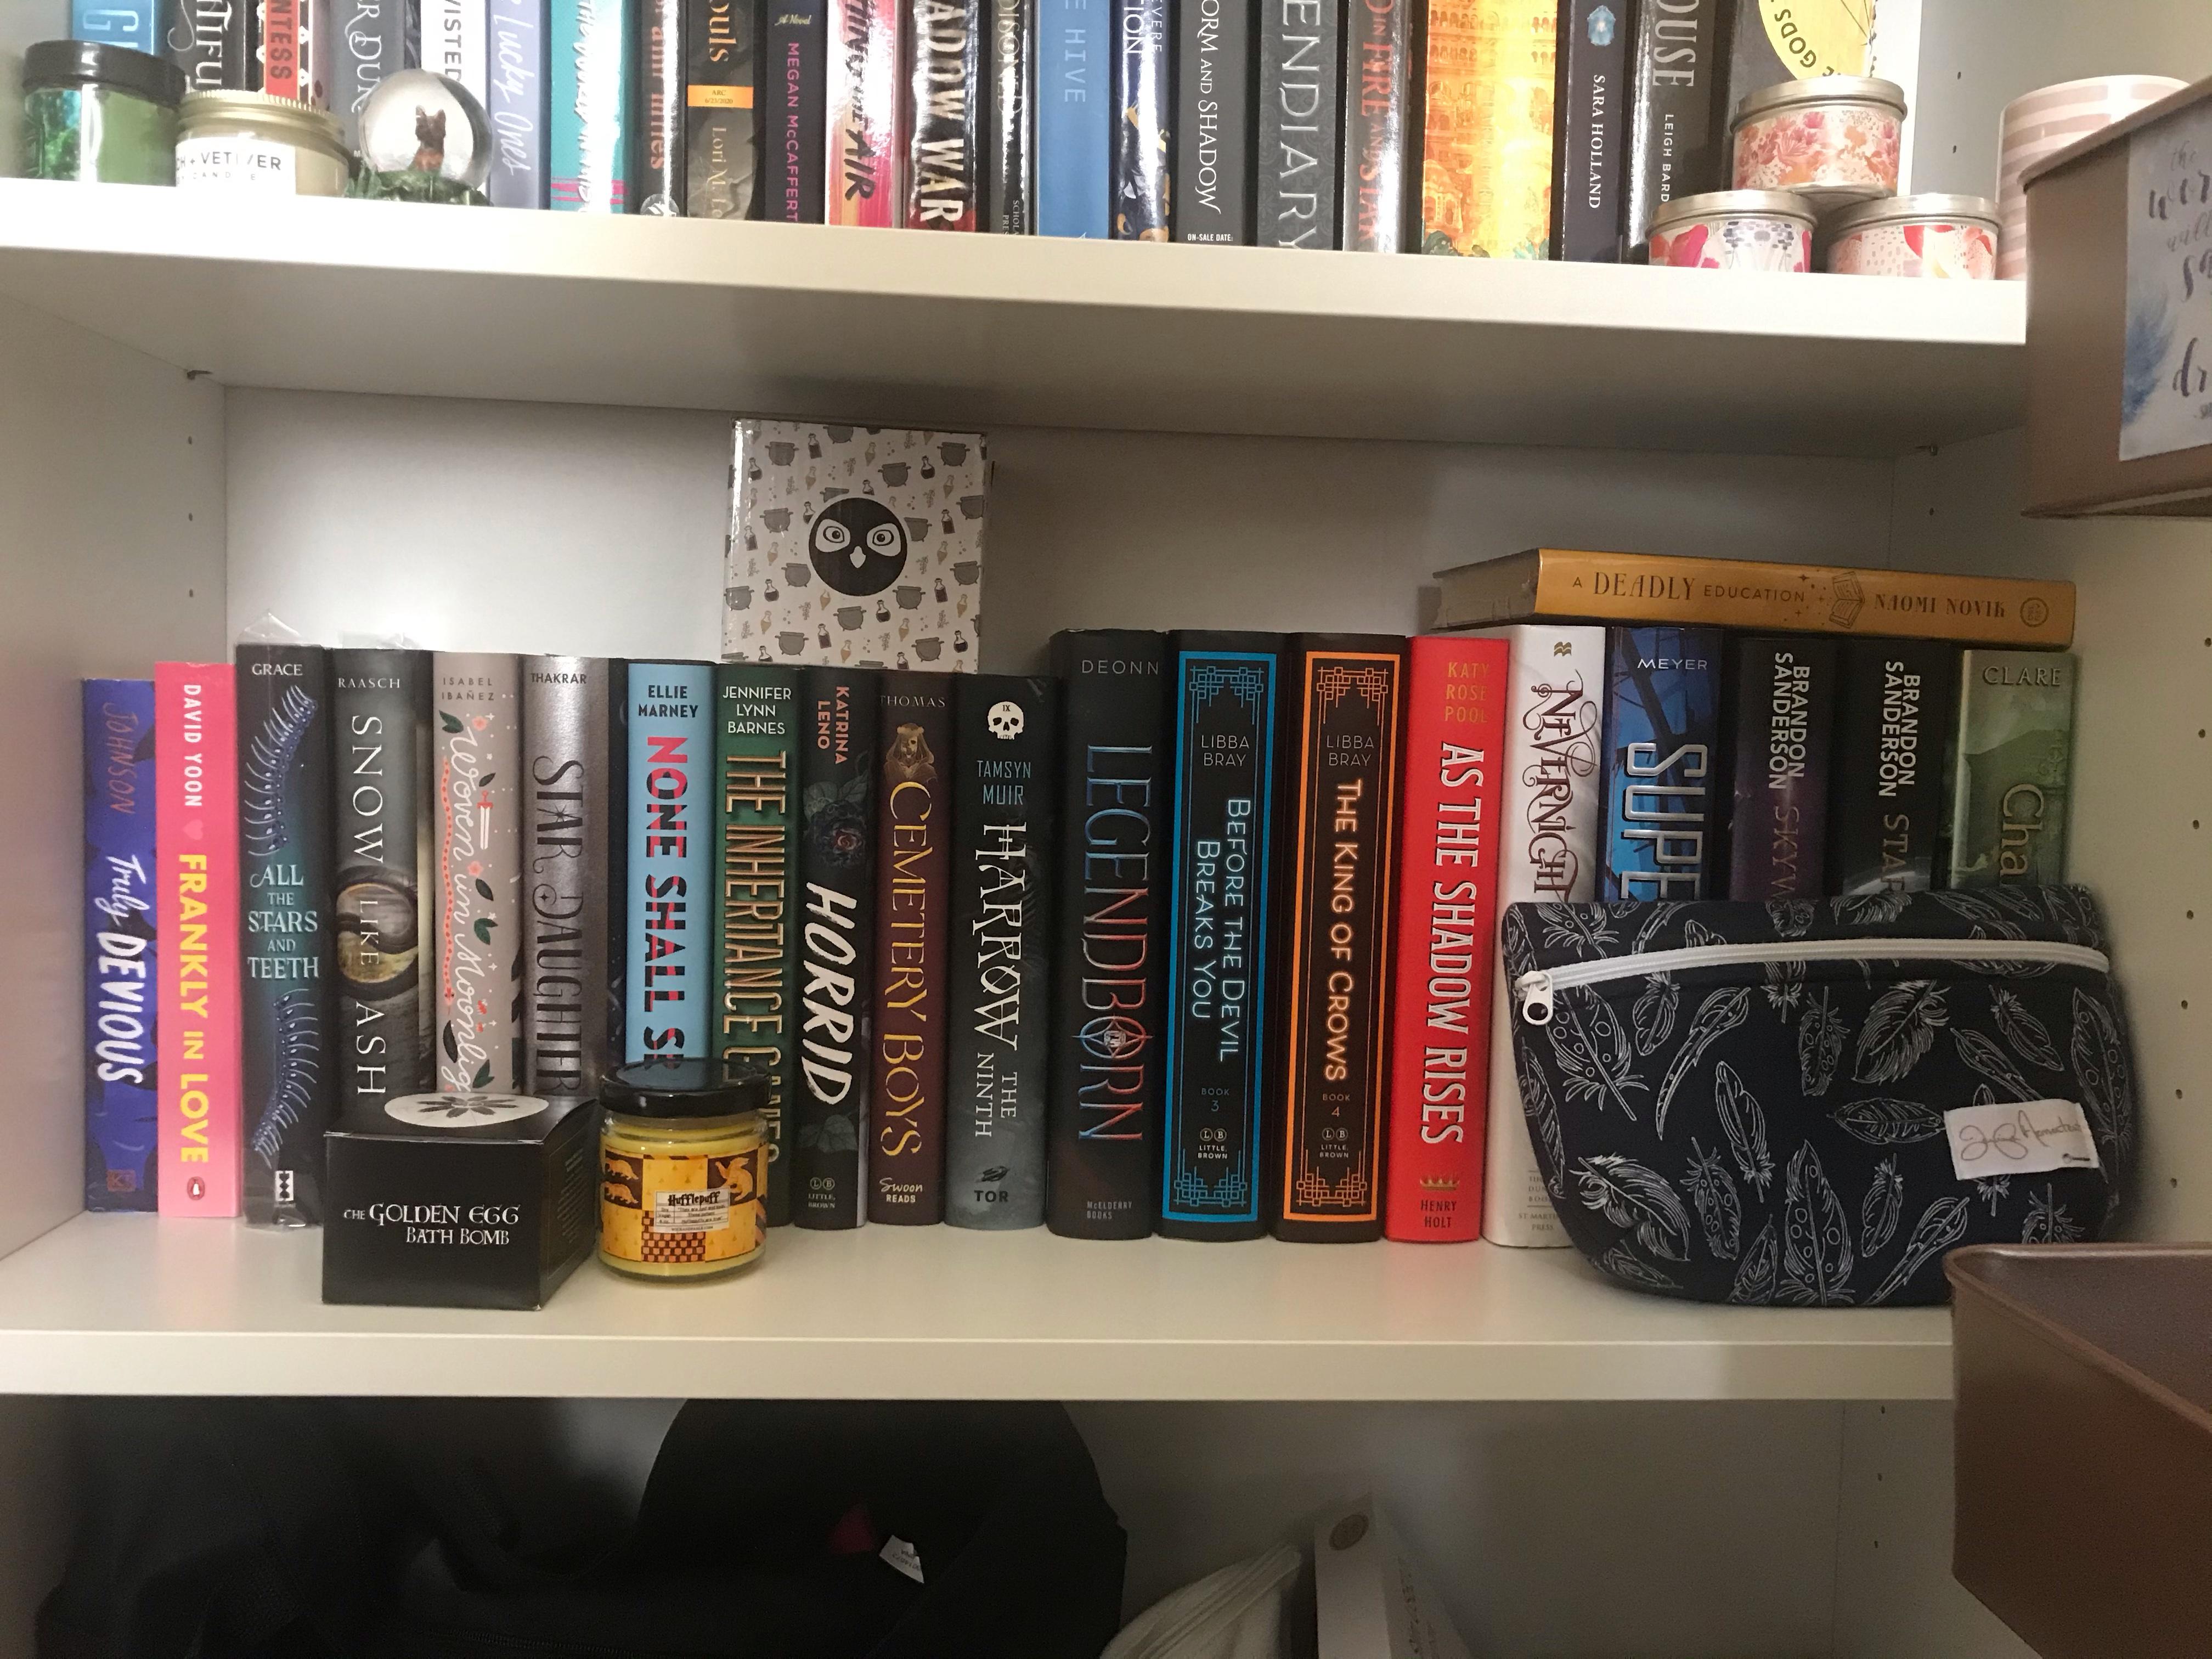 second shelf